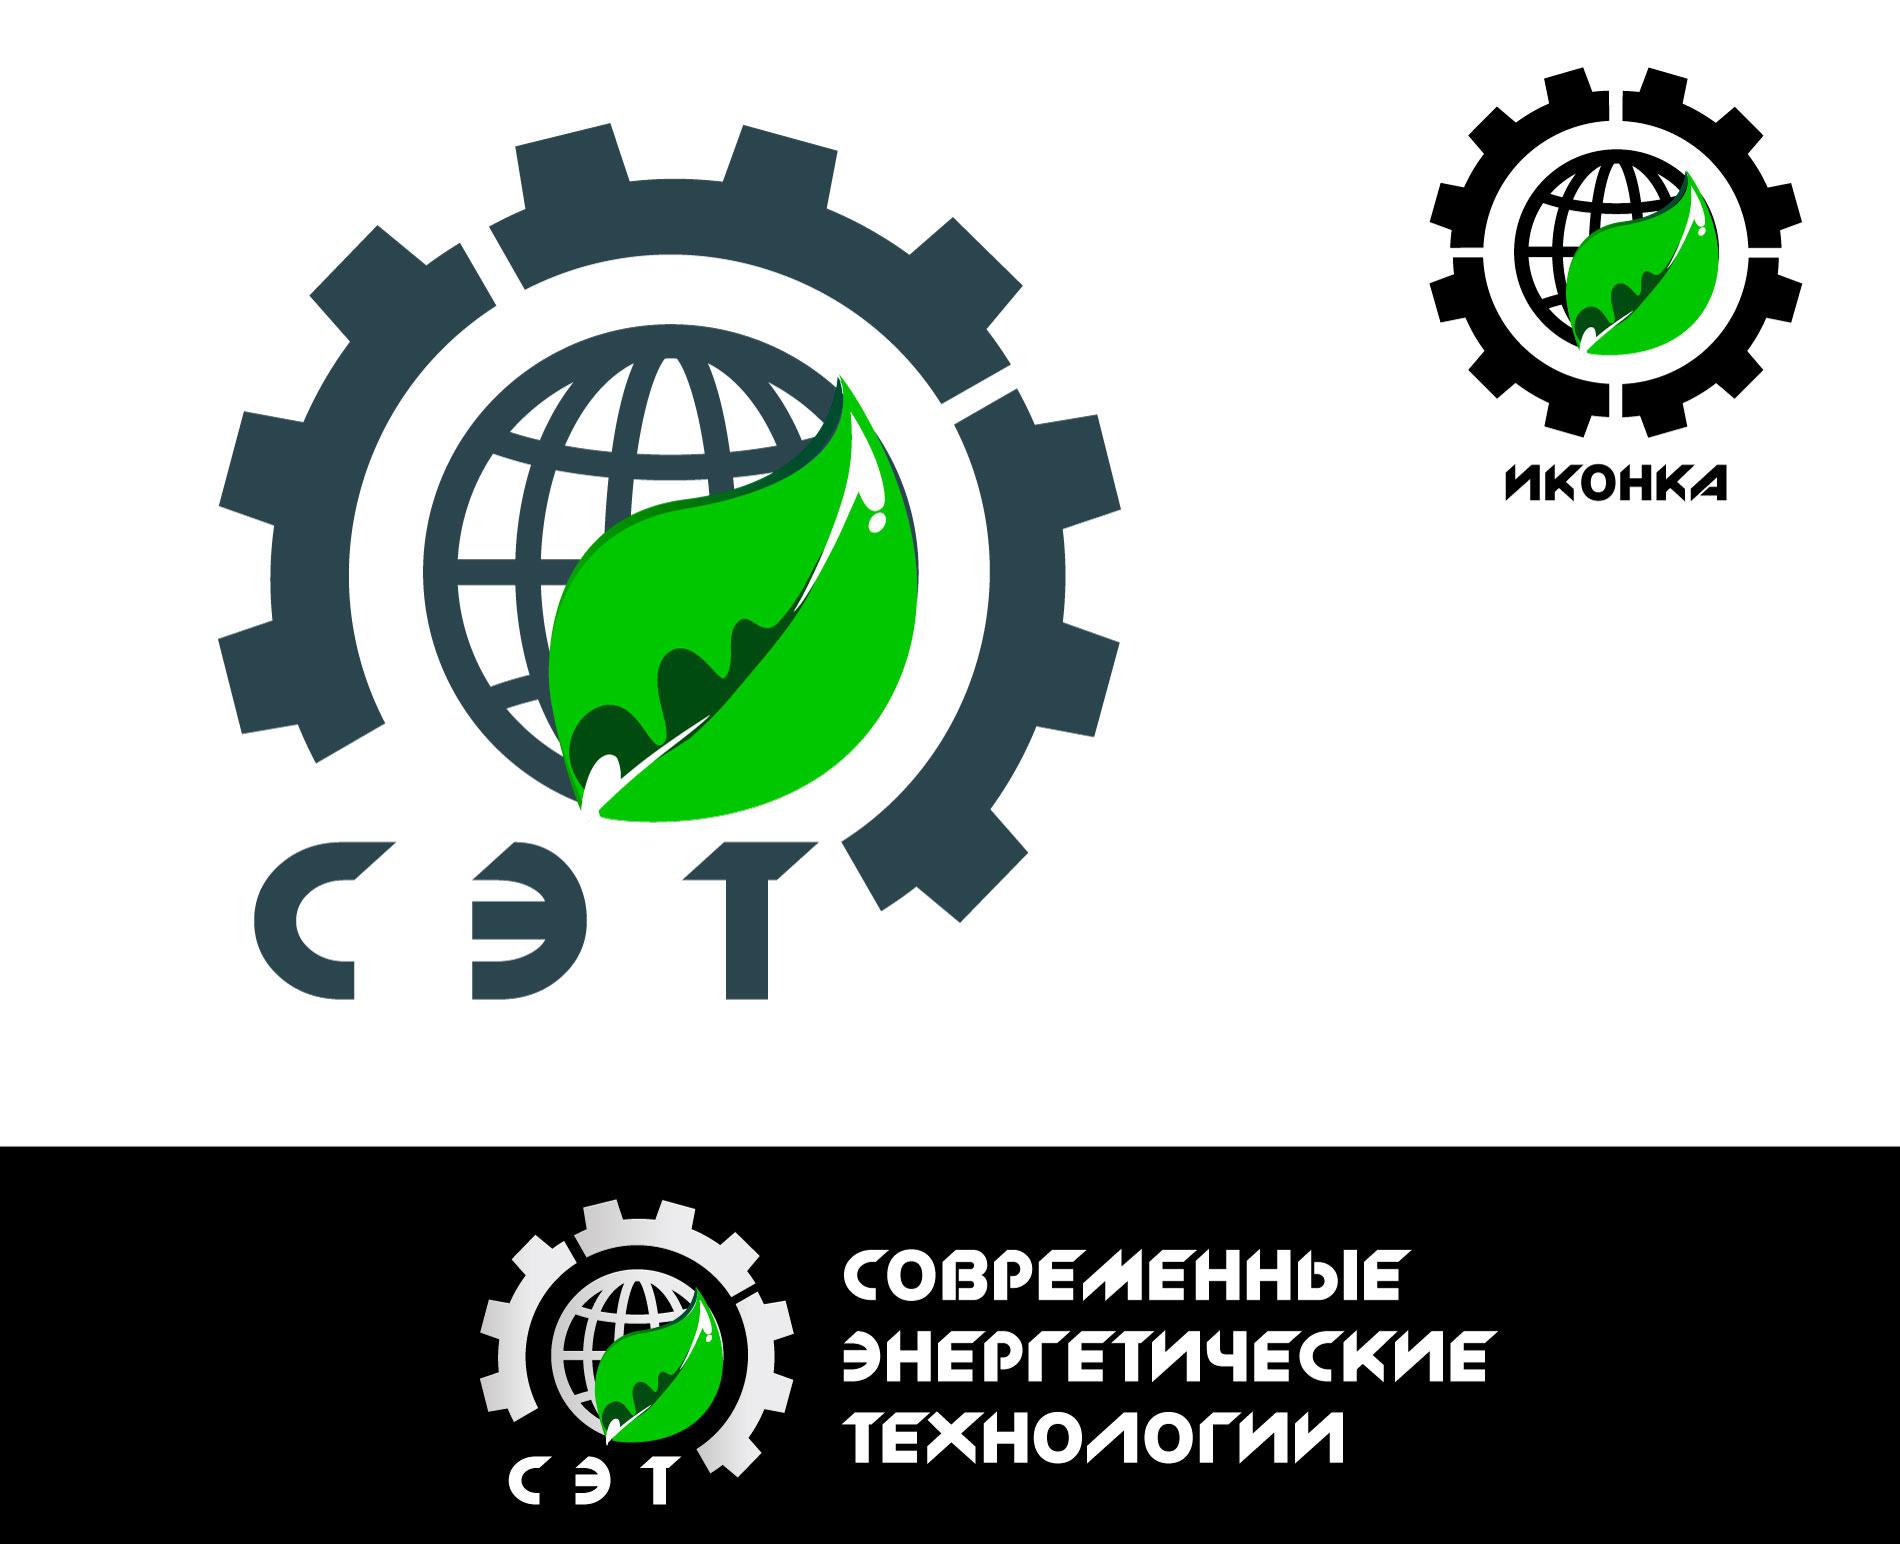 Срочно! Дизайн логотипа ООО «СЭТ» фото f_1635d4f15842fed0.jpg